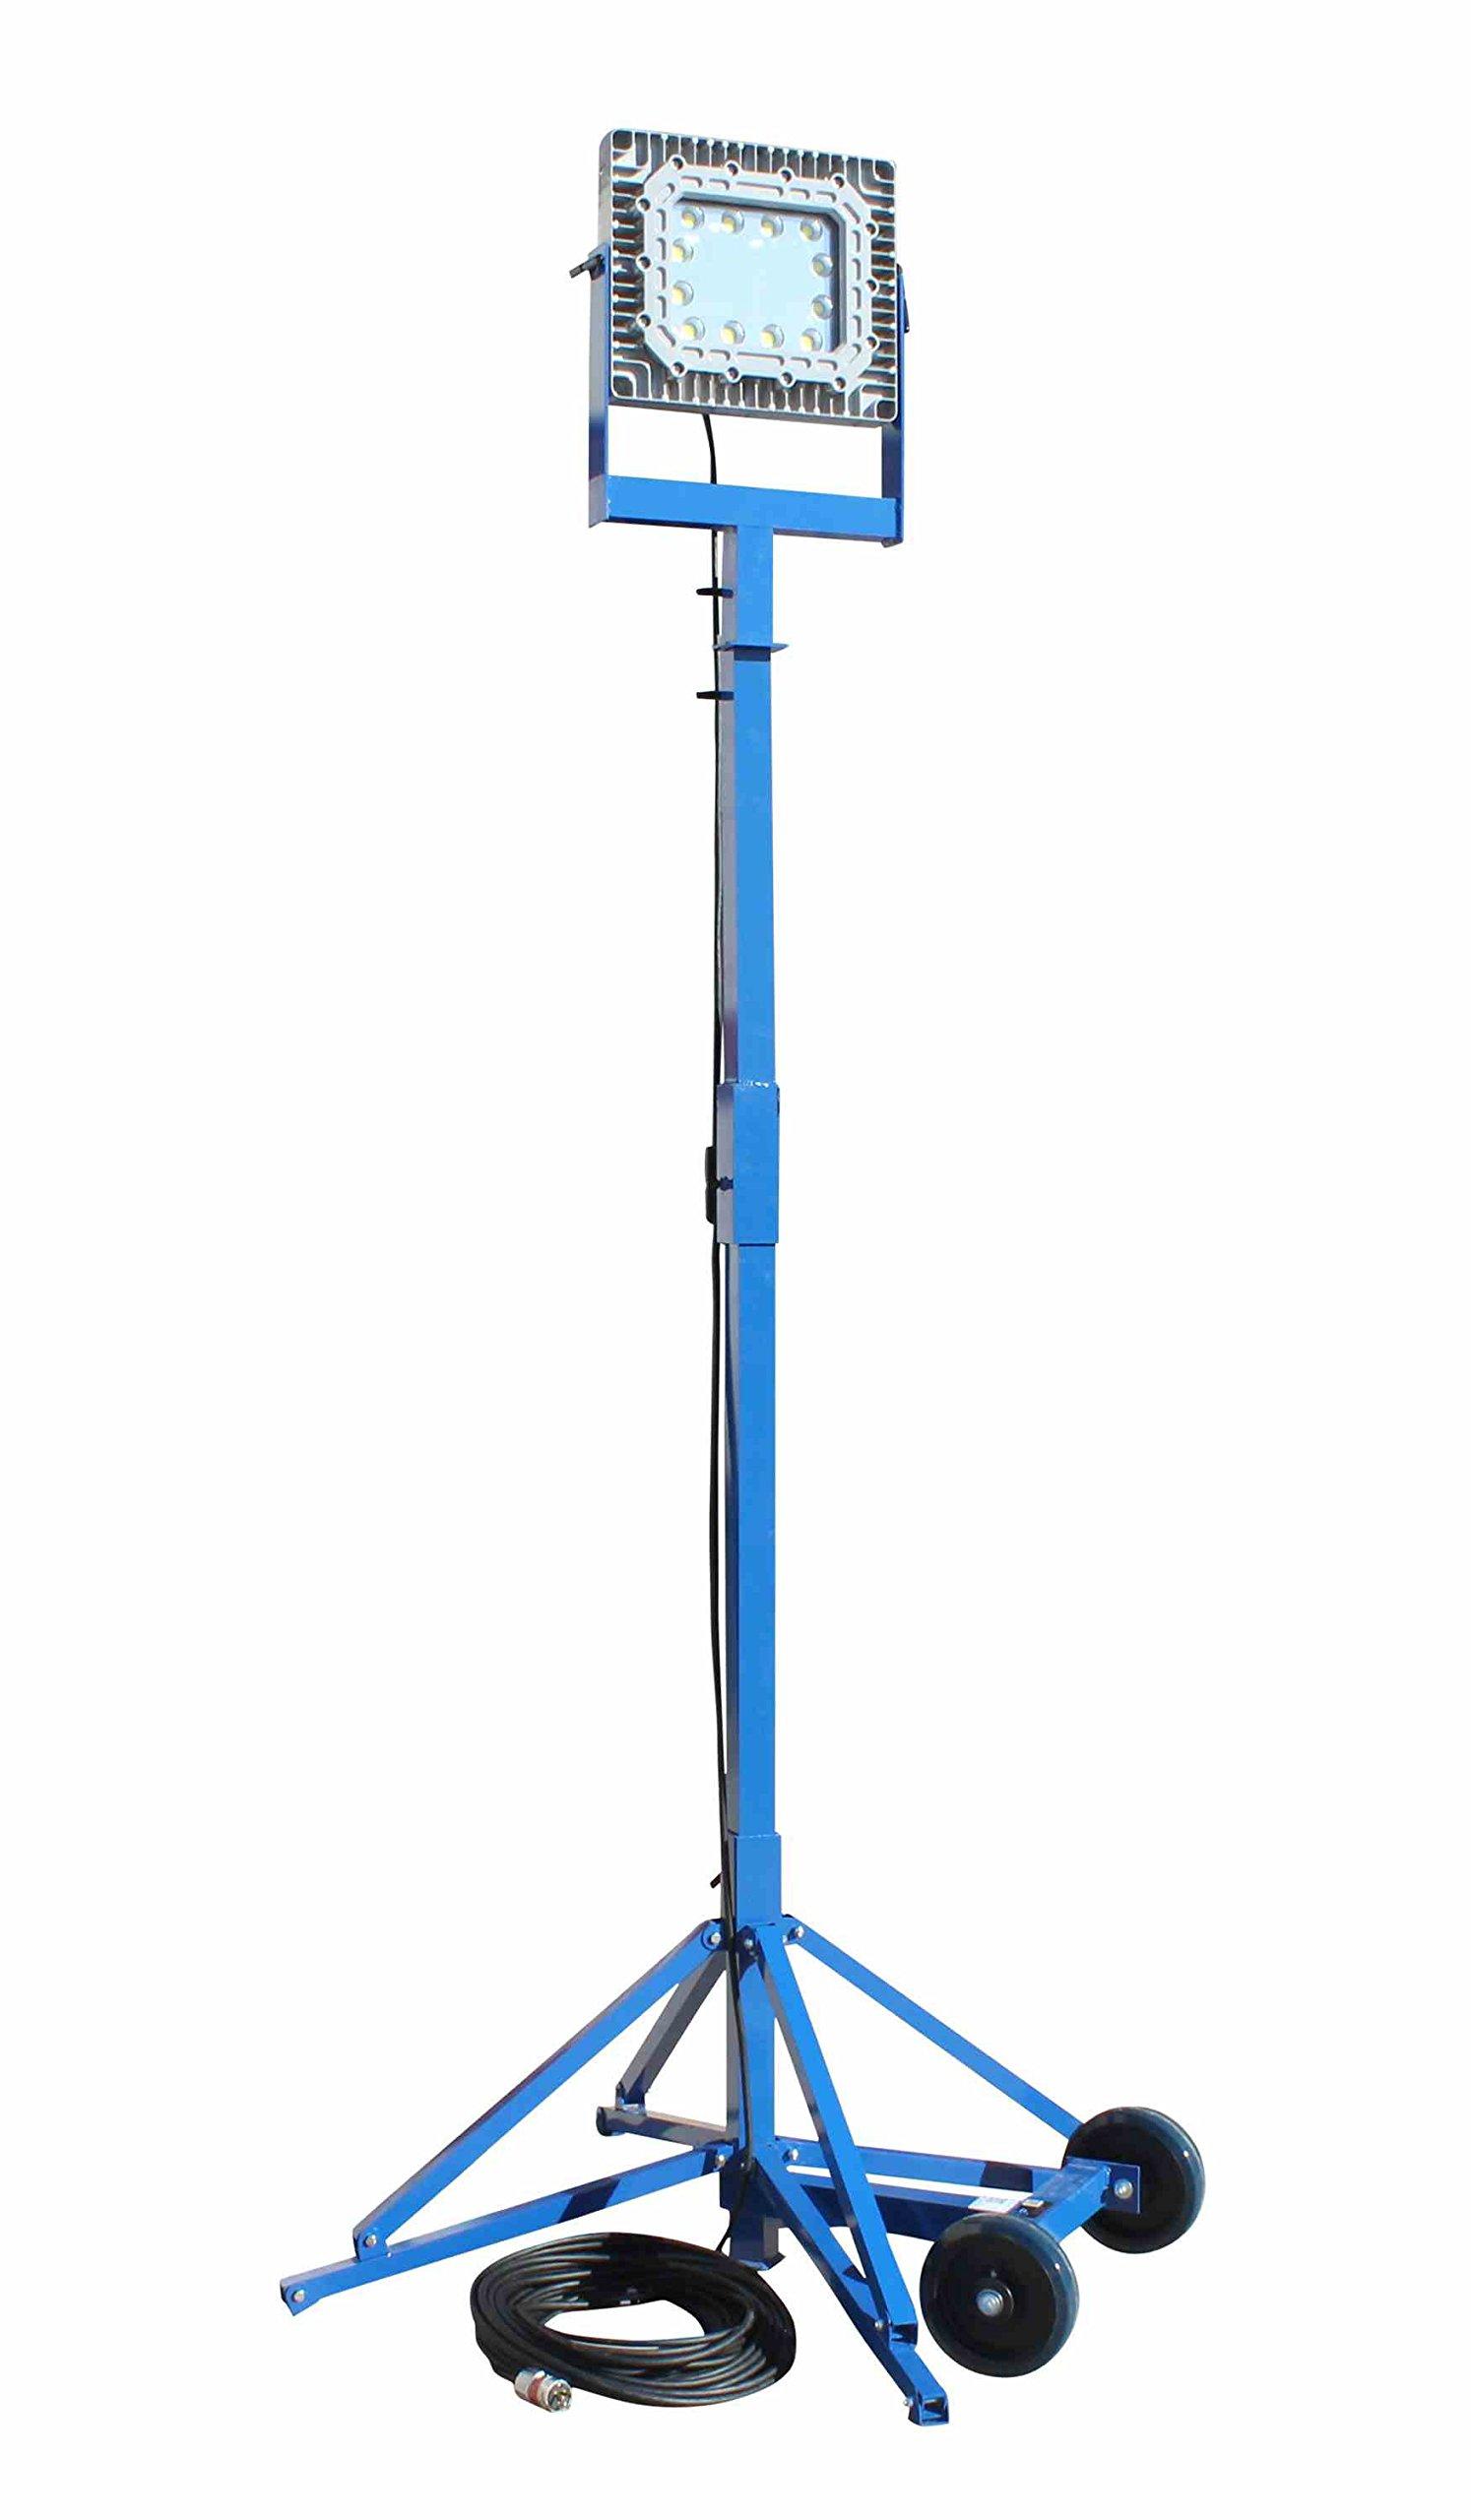 150W Exp. Proof LED Light Tower - Quadpod Mount - C1D1-200' 16/3 TPE SEOOW w/C1D1 Cable Gland